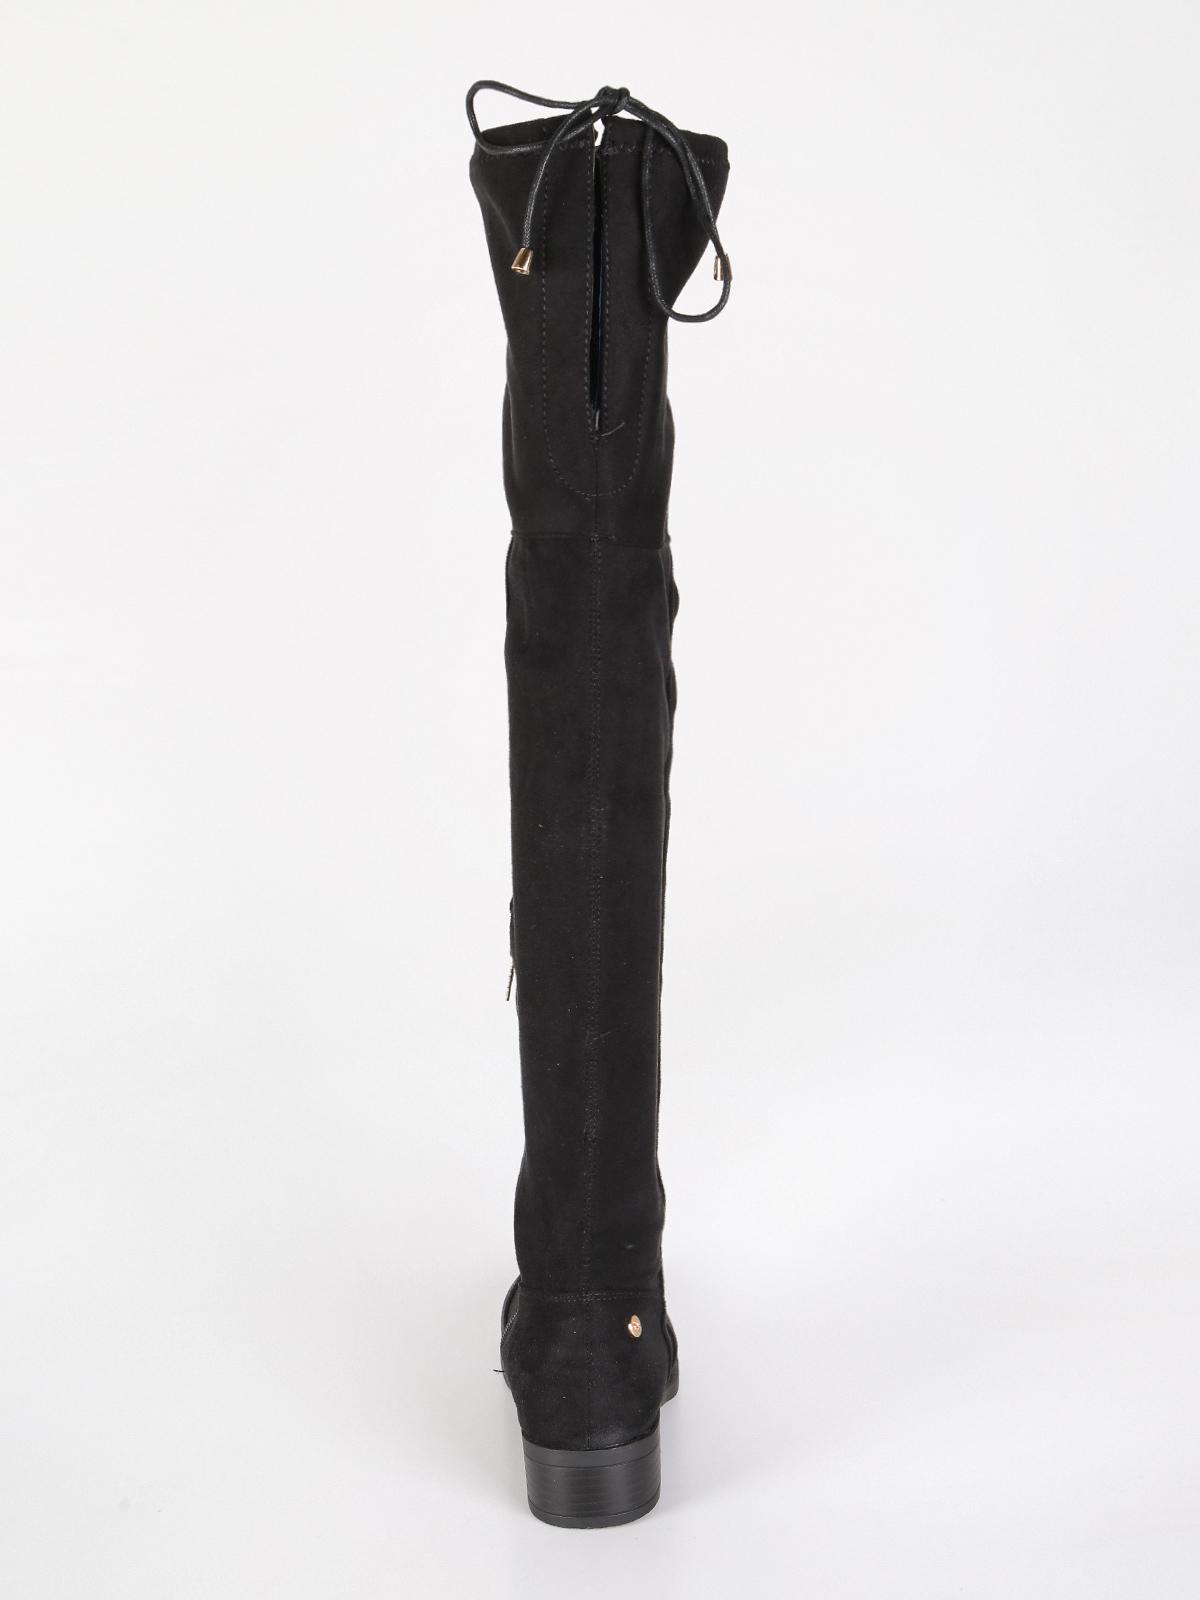 new concept 72260 c8ae5 Stivali al ginocchio scamosciati - nero xti | MecShopping